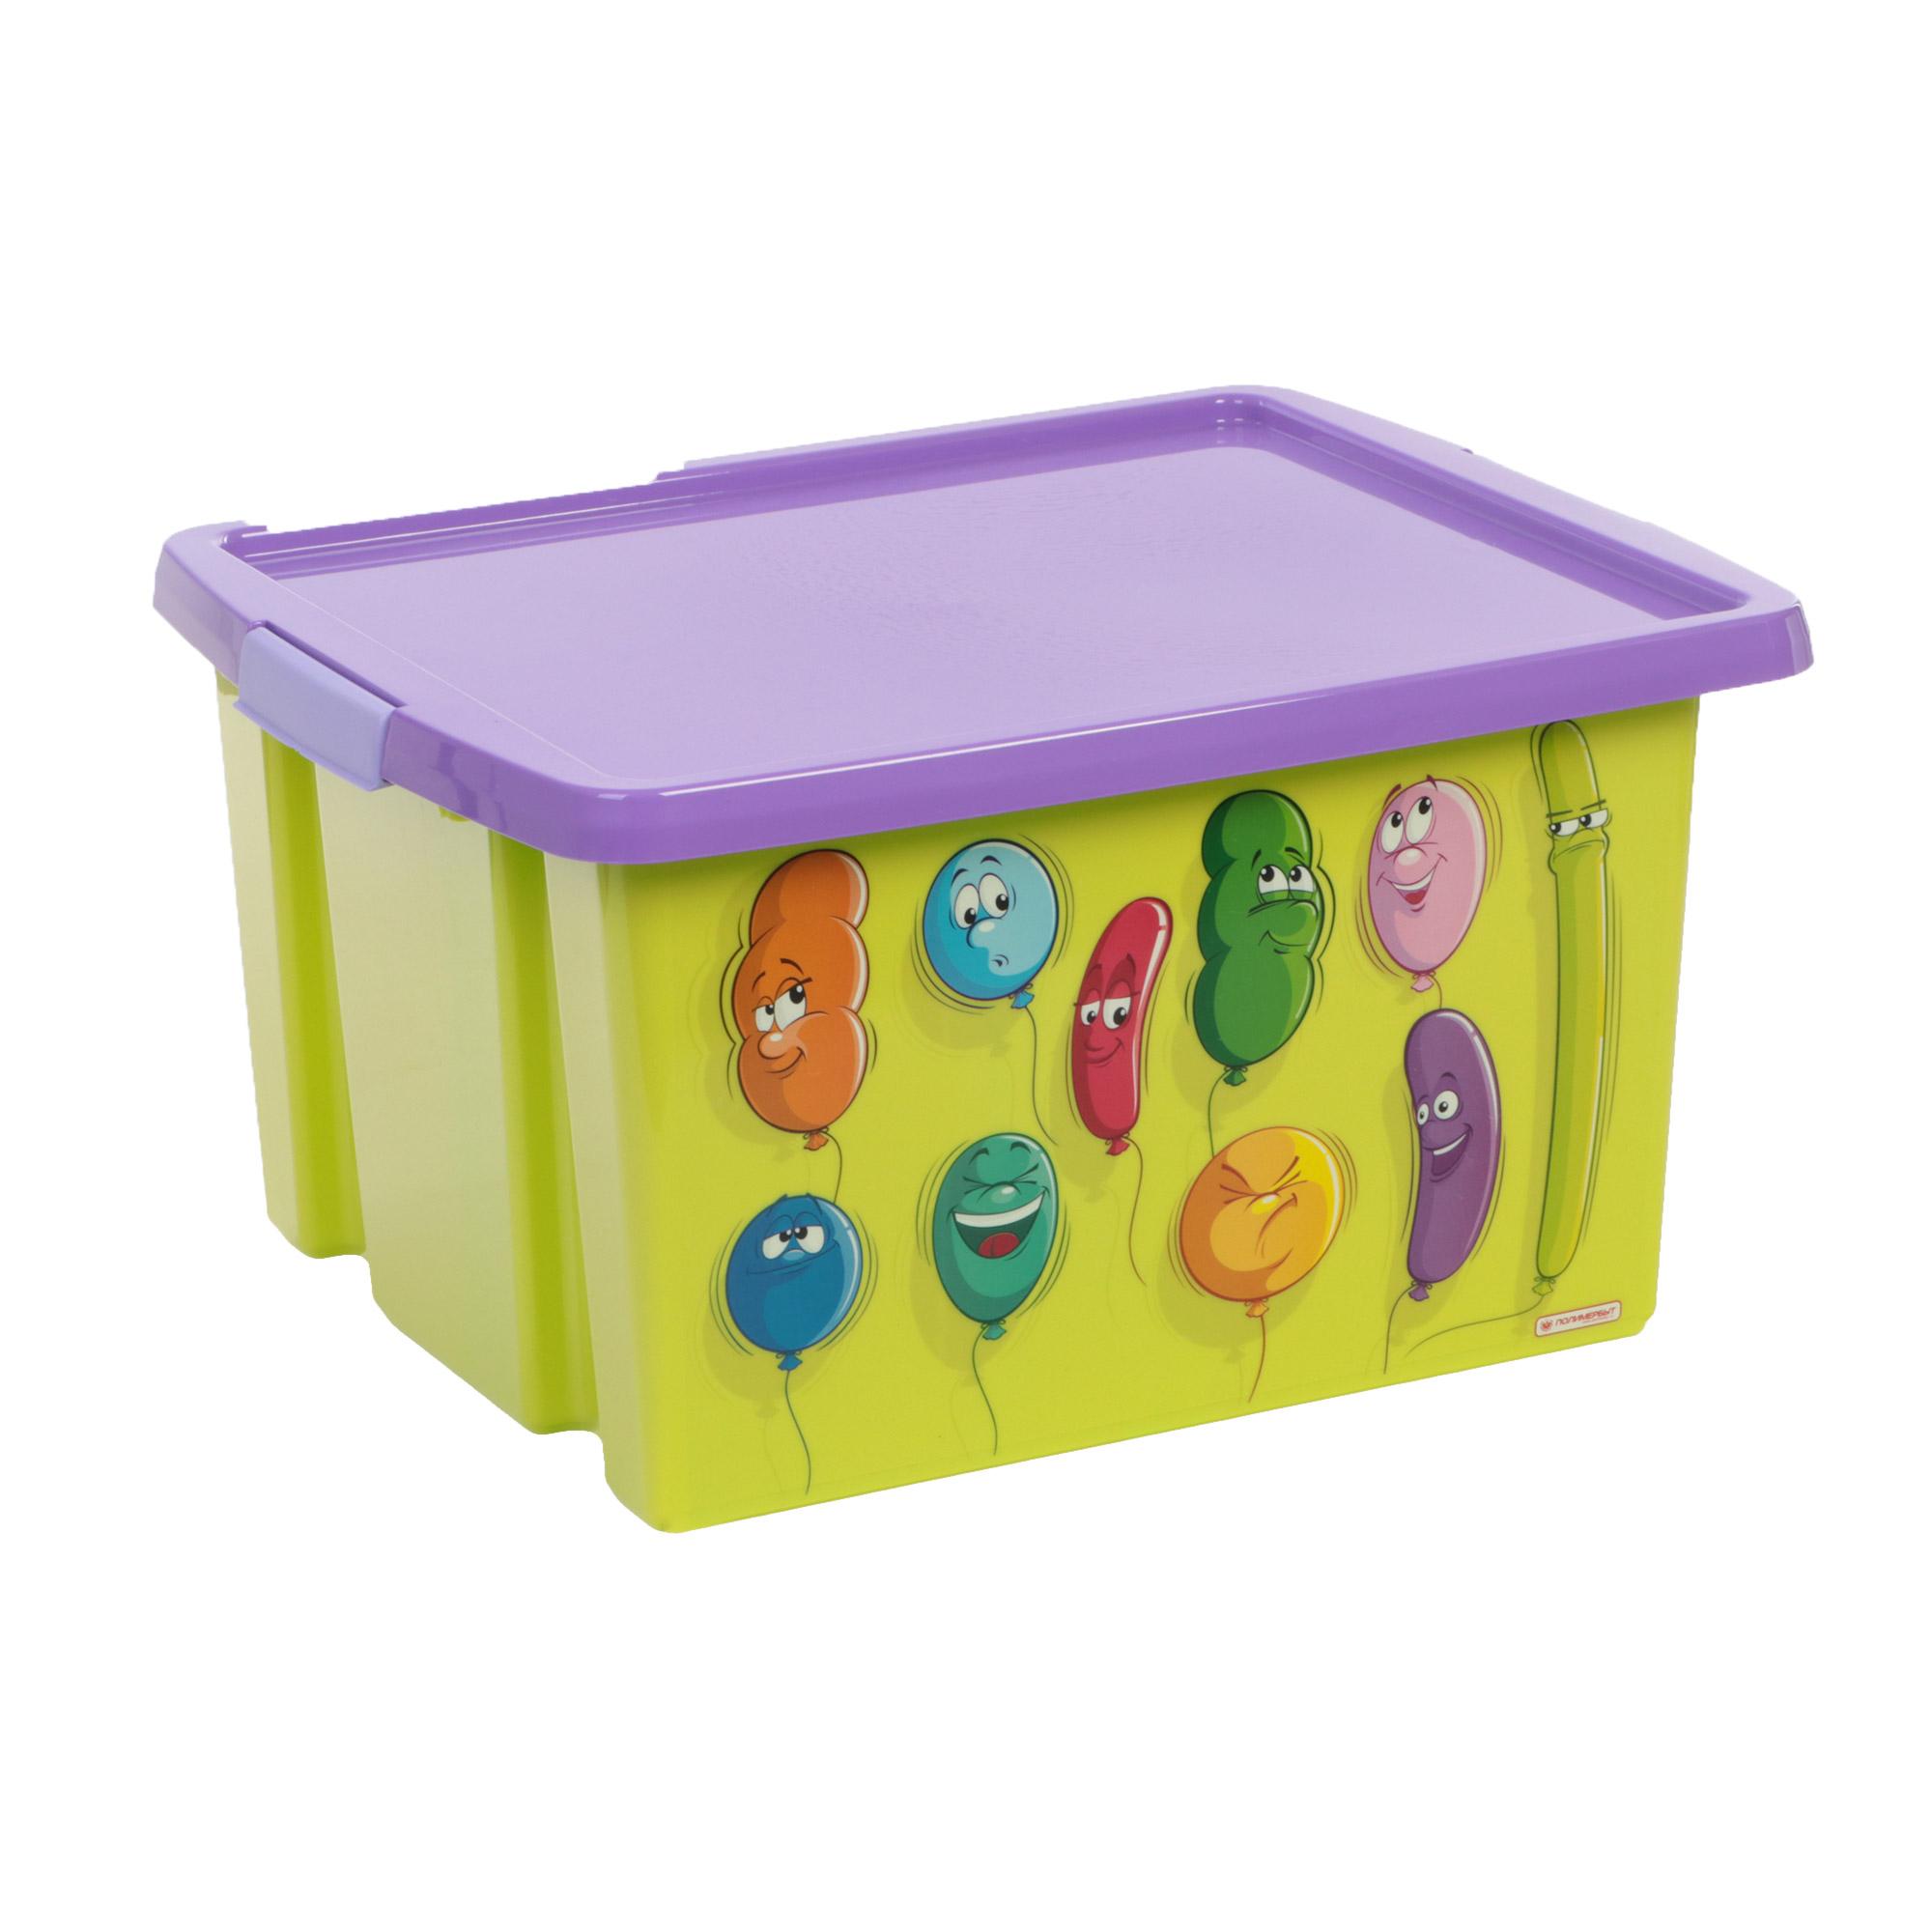 Ящик для игрушек с рисунком 30л Полимербыт ящик для хранения полимербыт 15 л